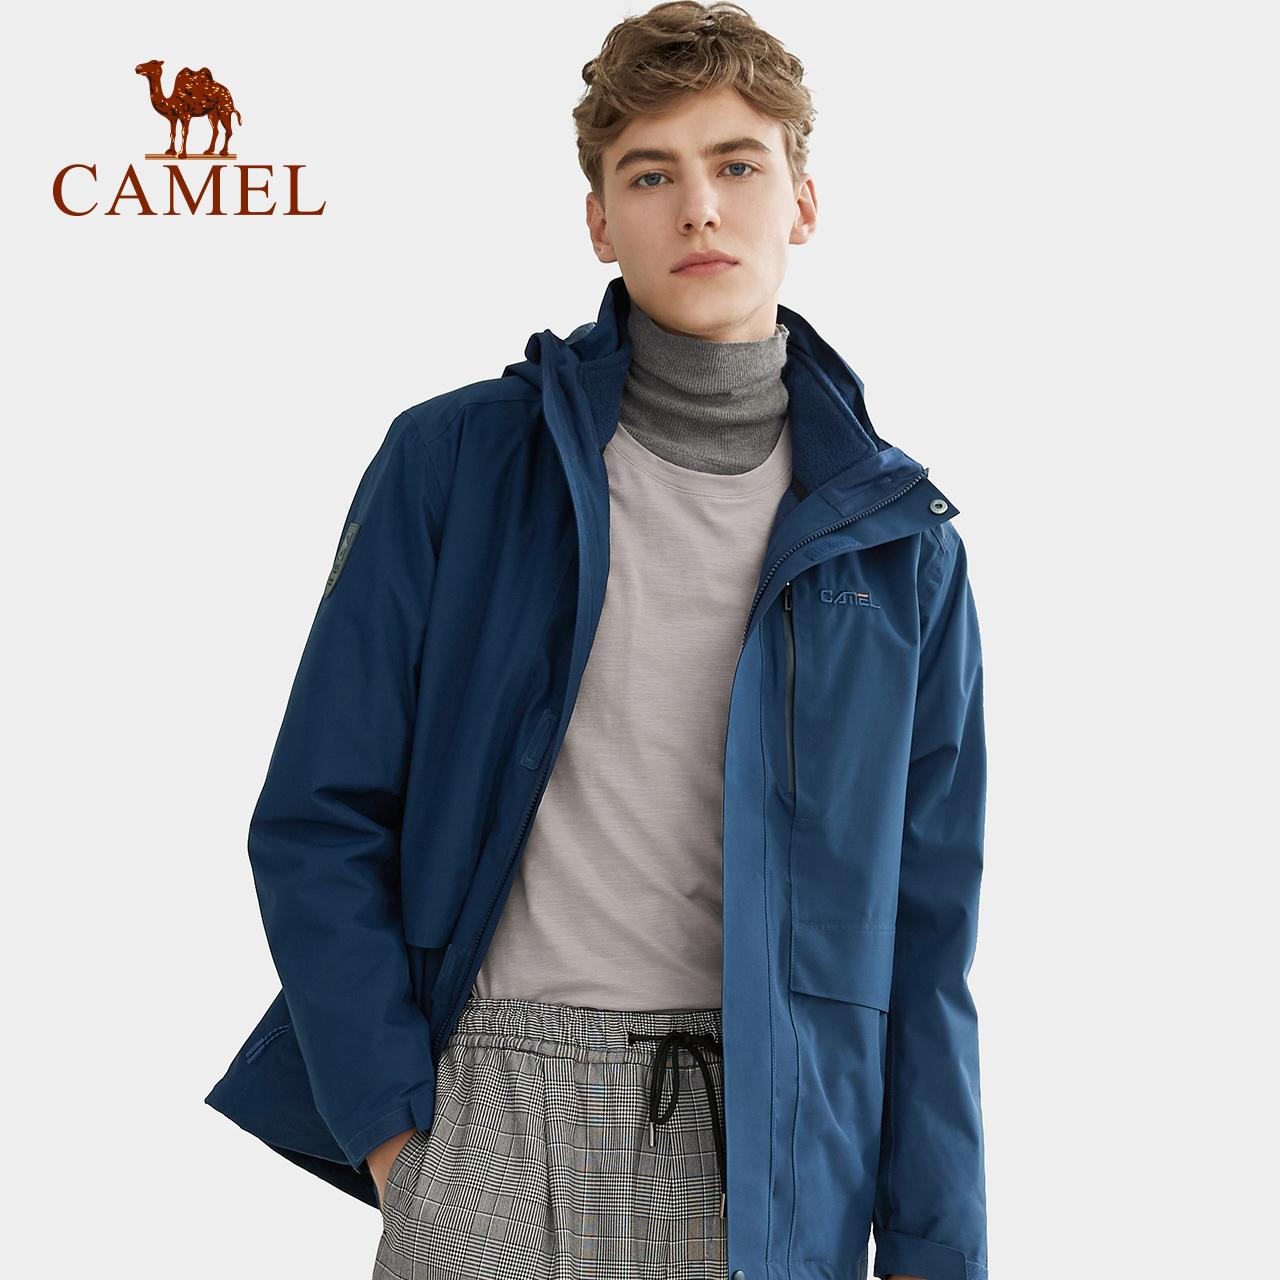 骆驼户外冲锋衣男女 年潮牌加绒加厚三合一两件套防风旅行外套  2019